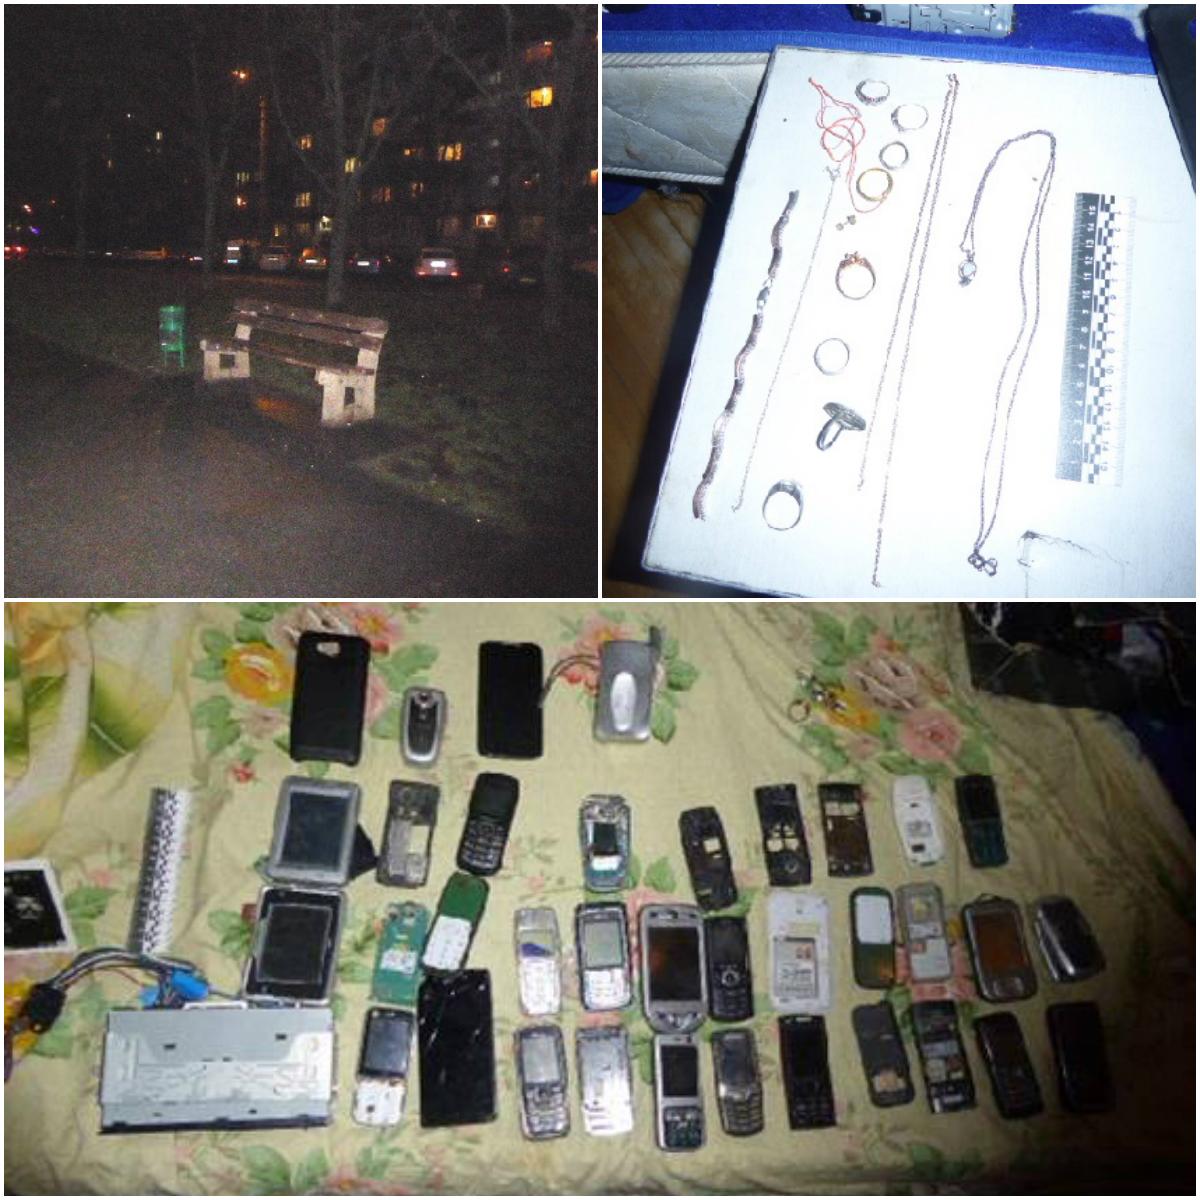 Дома у грабителя обнаружили более 20 старых мобильных телефонов ювелирные украшения